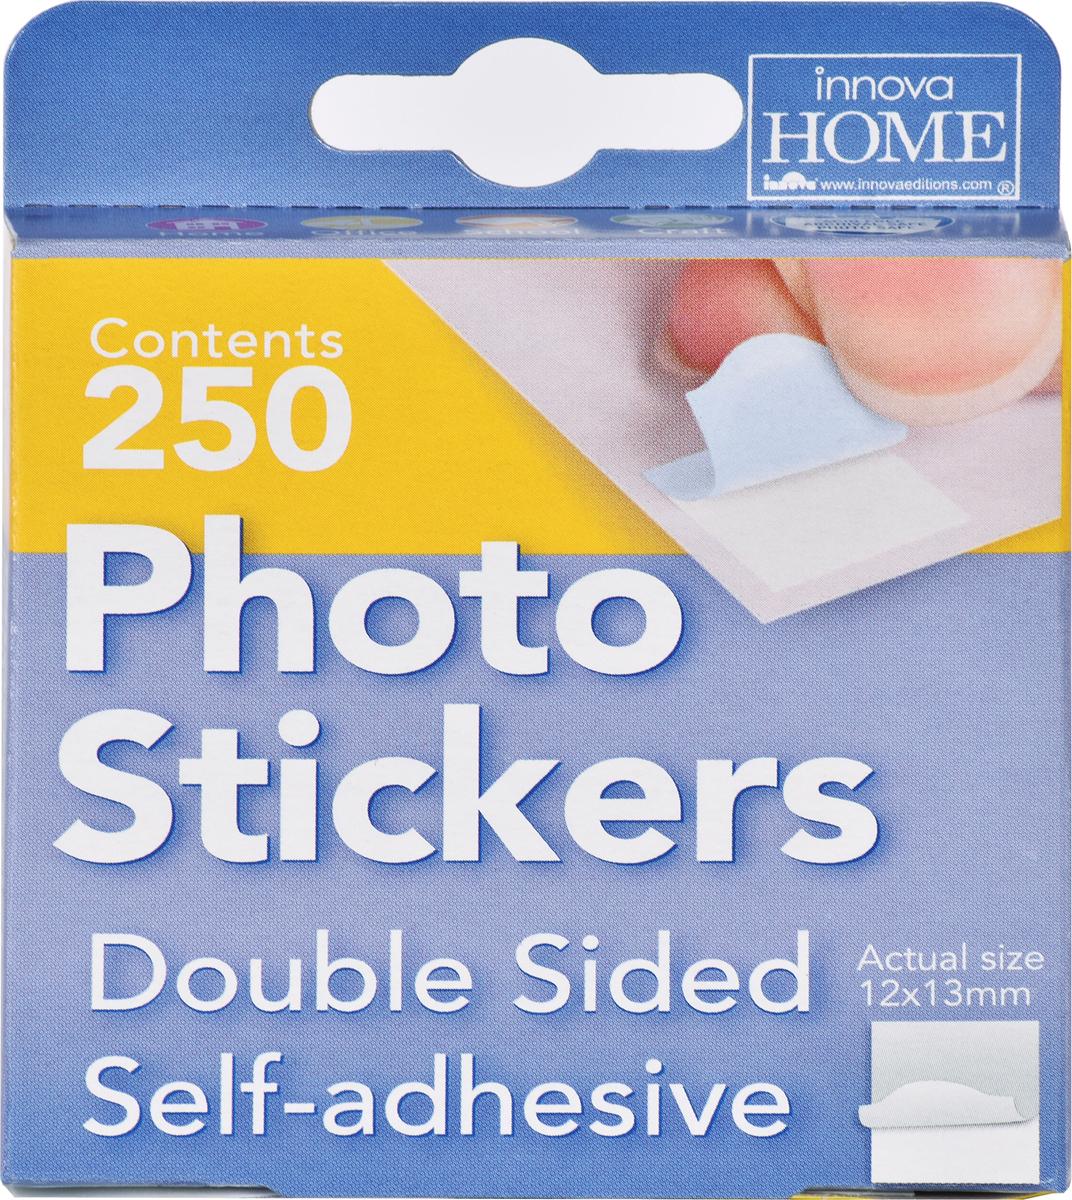 Самоклеющиеся фотостикеры Innova Photo Stickers, 250 штQ08481Самоклеящиеся двухсторонние стикеры 12х13мм на 62 фотографий, упаковка 250 штук. Для фотоальбомов, скарпбуков и стендов. Акриловые двухсторонние самоклеящиеся стикеры идеально подходят для крепления фотографий в альбом, скрапбукинга, создания коллажей или оформления стендов. Не содержат кислоты и безопасны для фотографий и страниц альбома. Принцип применения - как двухсторонний скотч, только предварительно порезанный на квадратики размером 12х12мм. Таким образом, они остаются невидимыми с лицевой стороны фотографии, в отличие от уголков. В течении пяти минут фотостикеры можно отклеить и переместить в другую позицию на листе несколько раз, пока не достигнете идеального расположения фотографий. Рекомендуем!